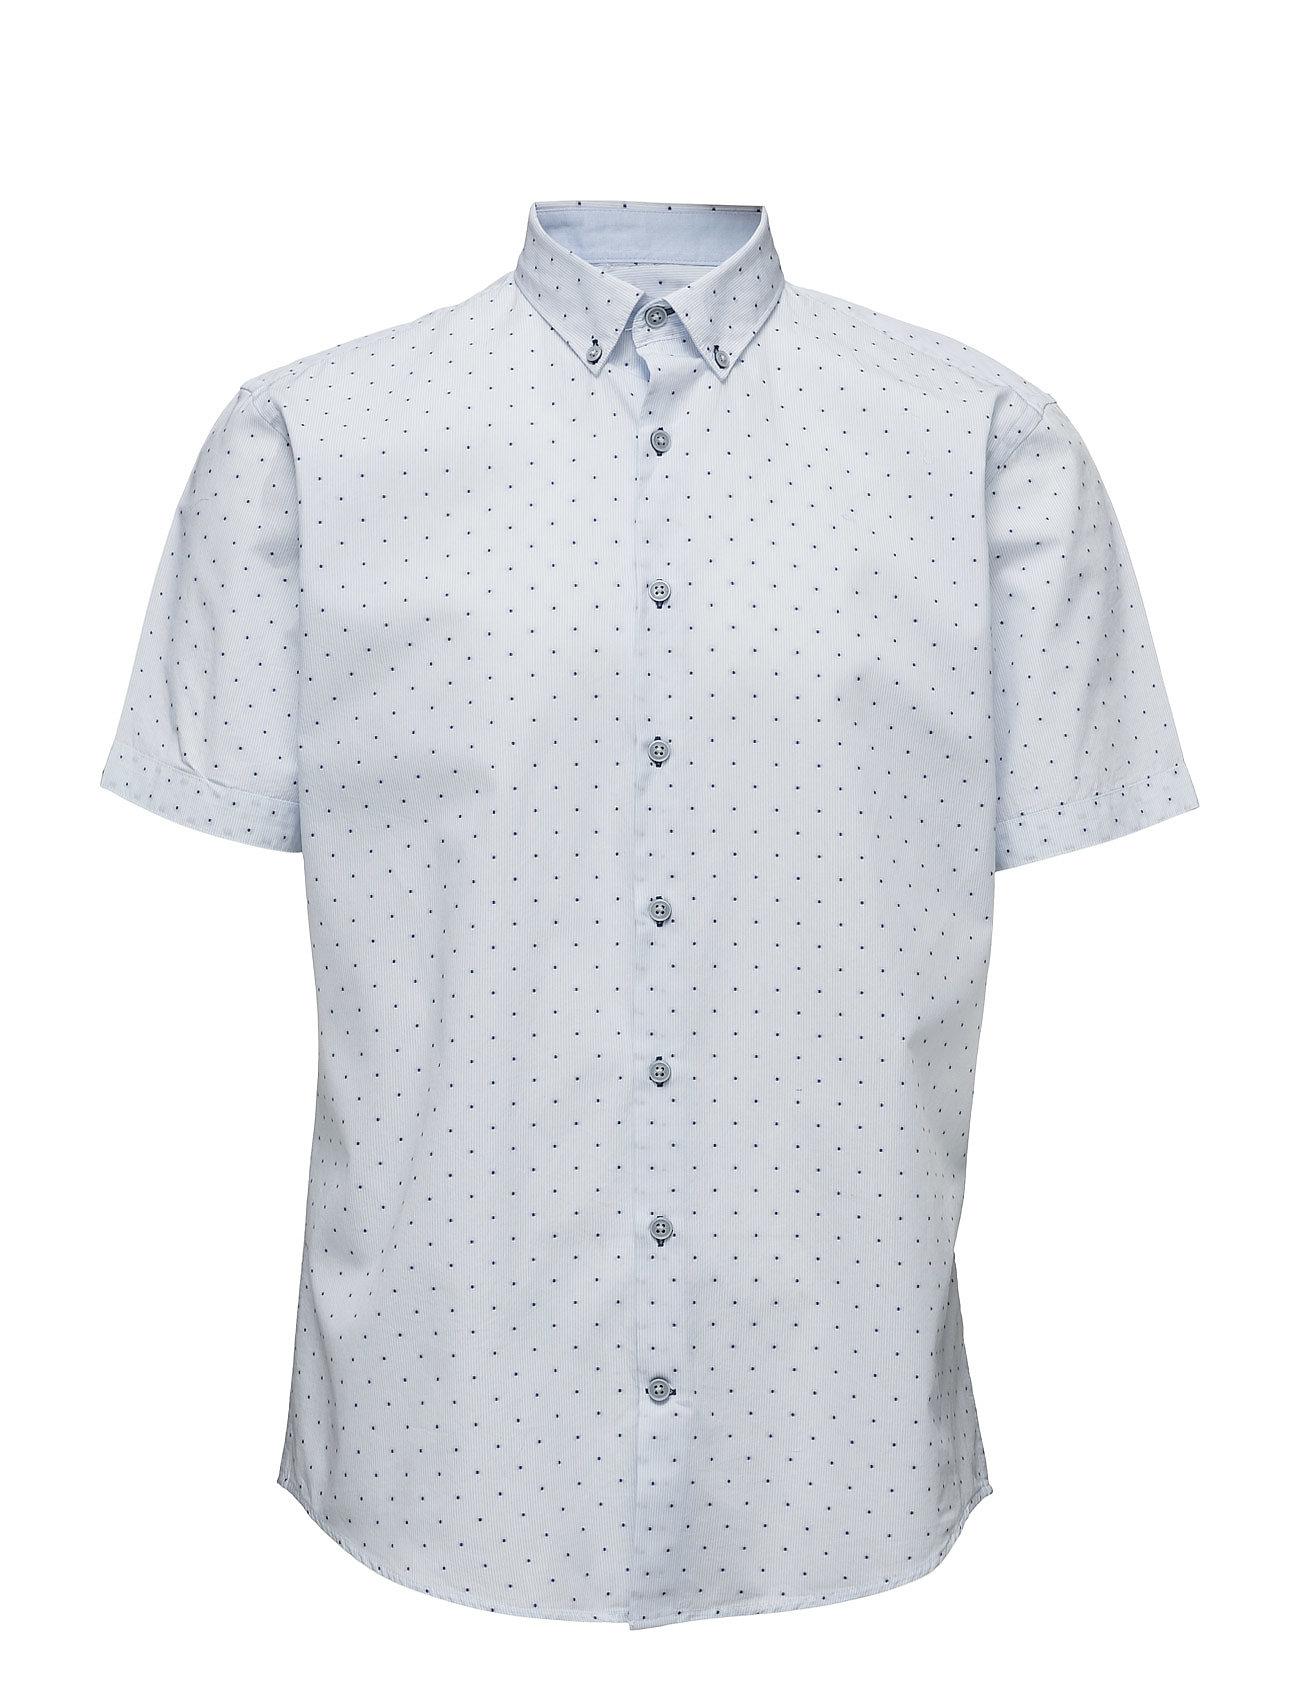 Striped Shirt S/S Lindbergh Kortærmede til Herrer i hvid